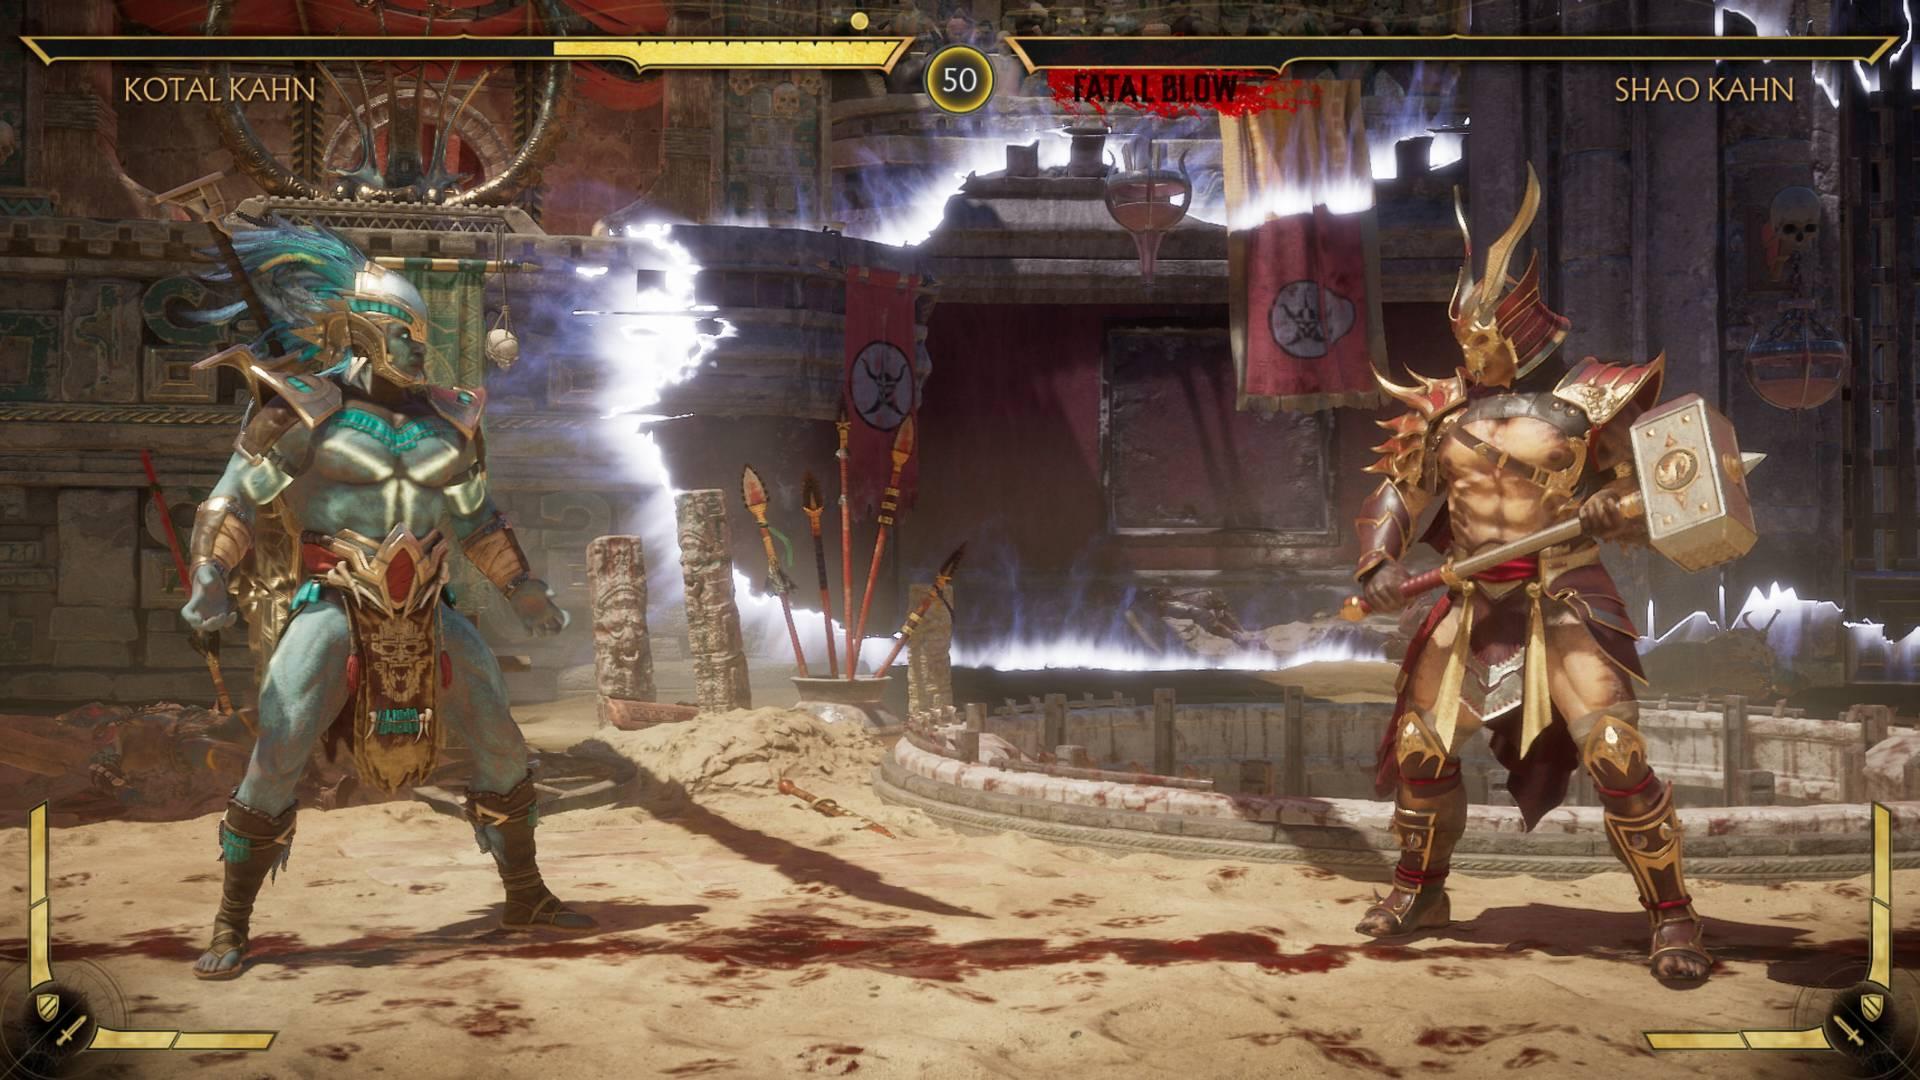 Análisis de Mortal Kombat 11